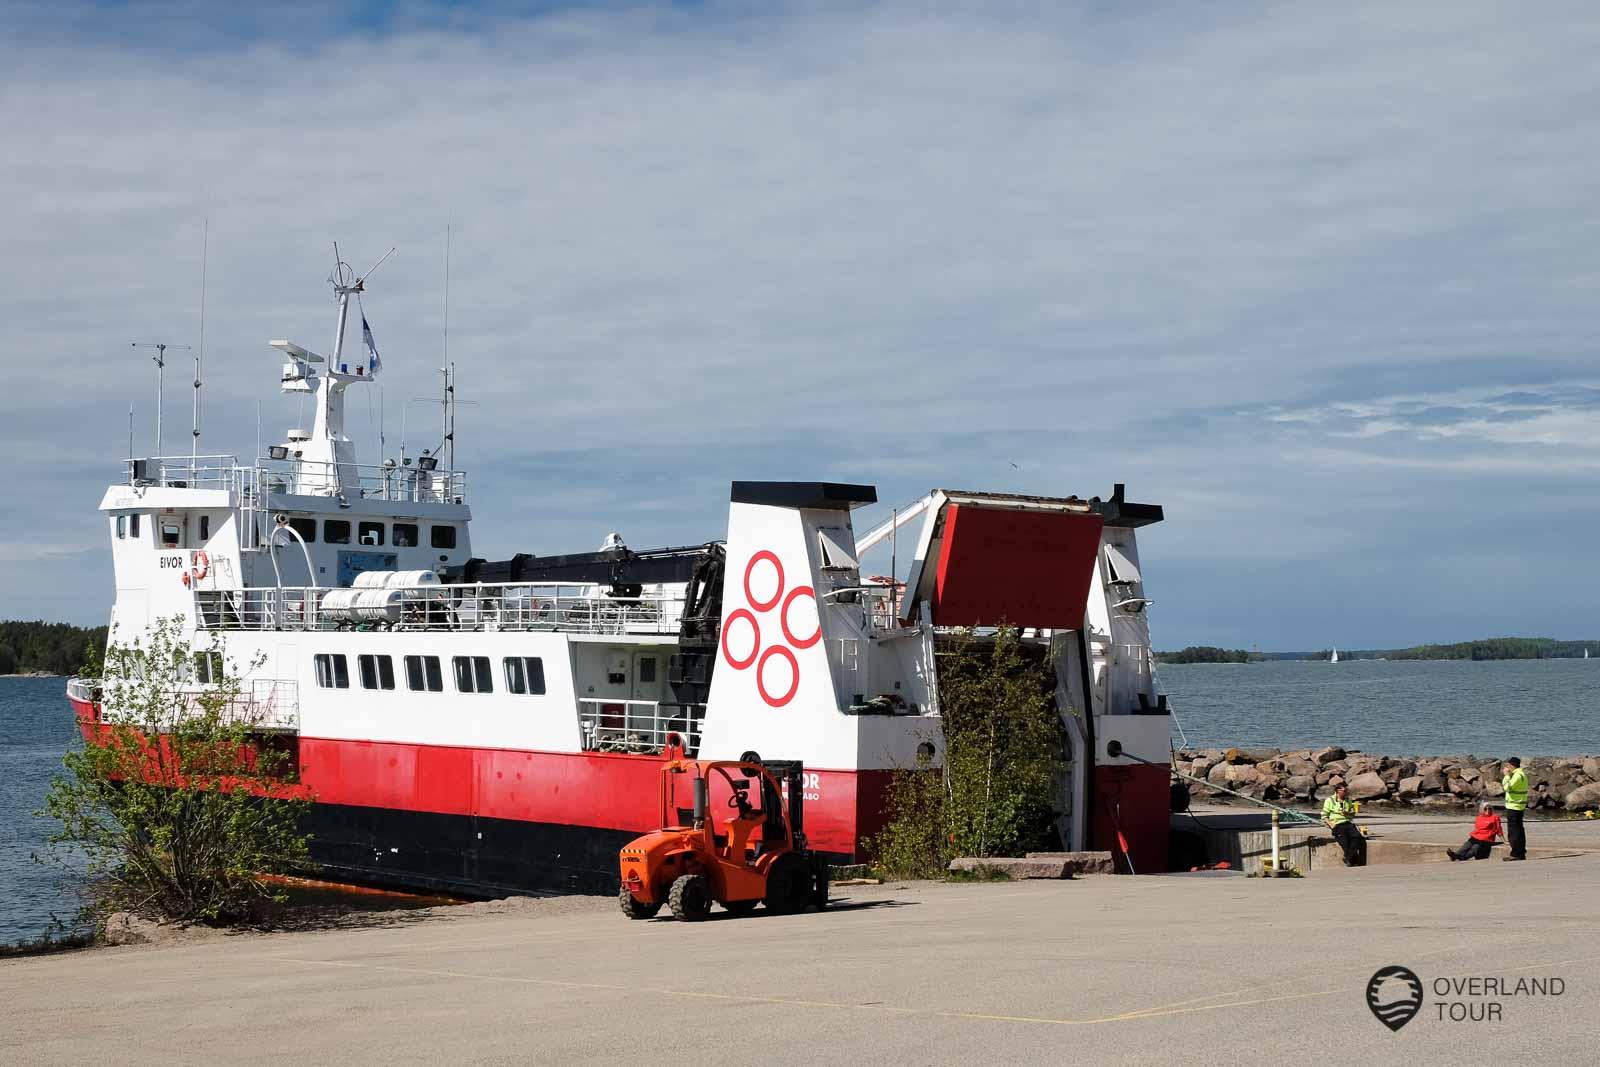 Mit der M/S Eivor von der Fähranlegestelle Pärnäs (Nagu) geht es auf die Inseln Jurmo und Utö